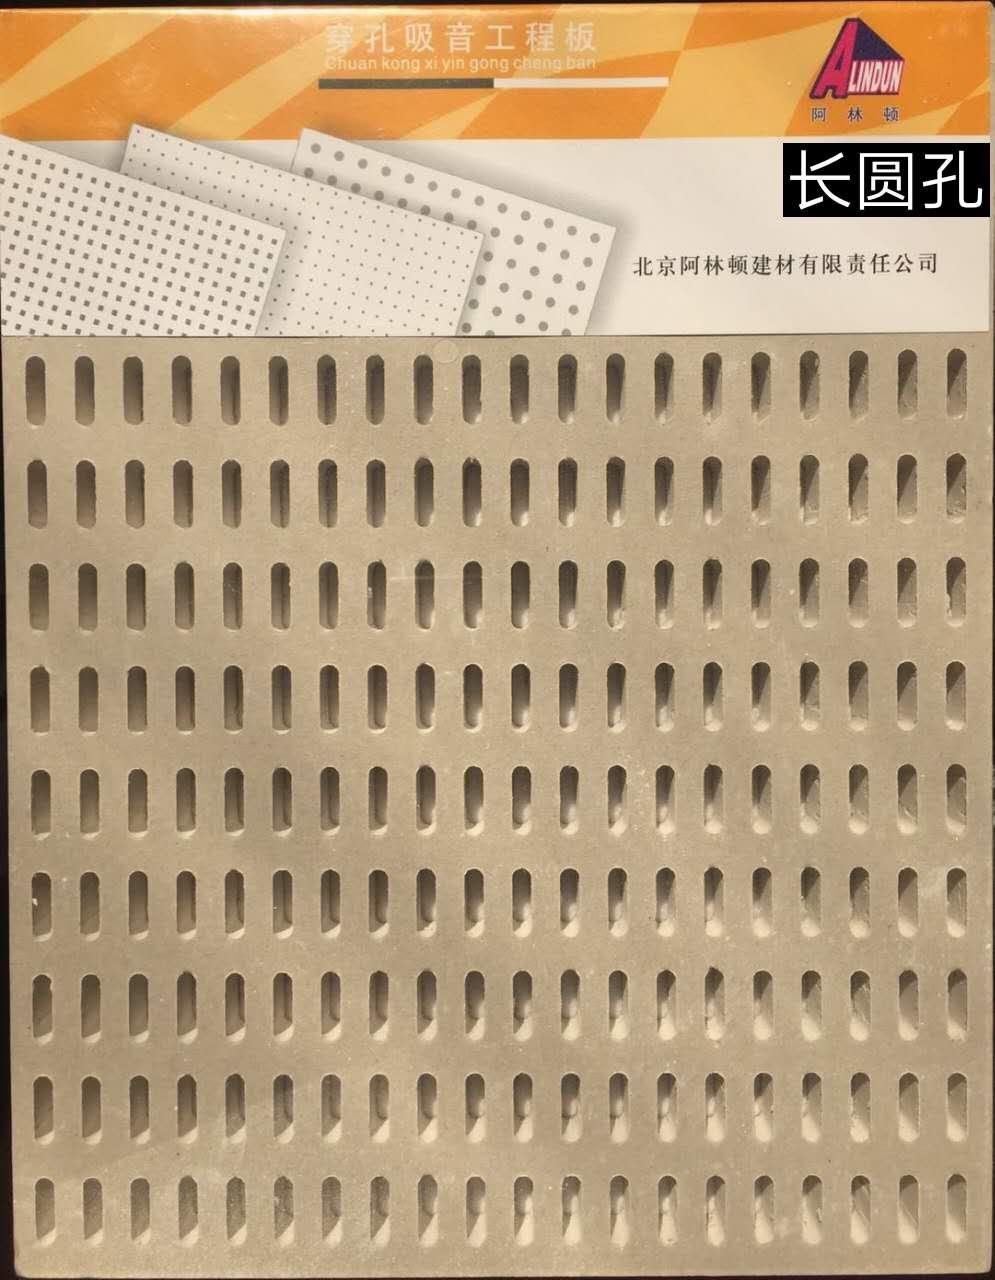 宁夏石膏板厂商-吴忠石膏板价格